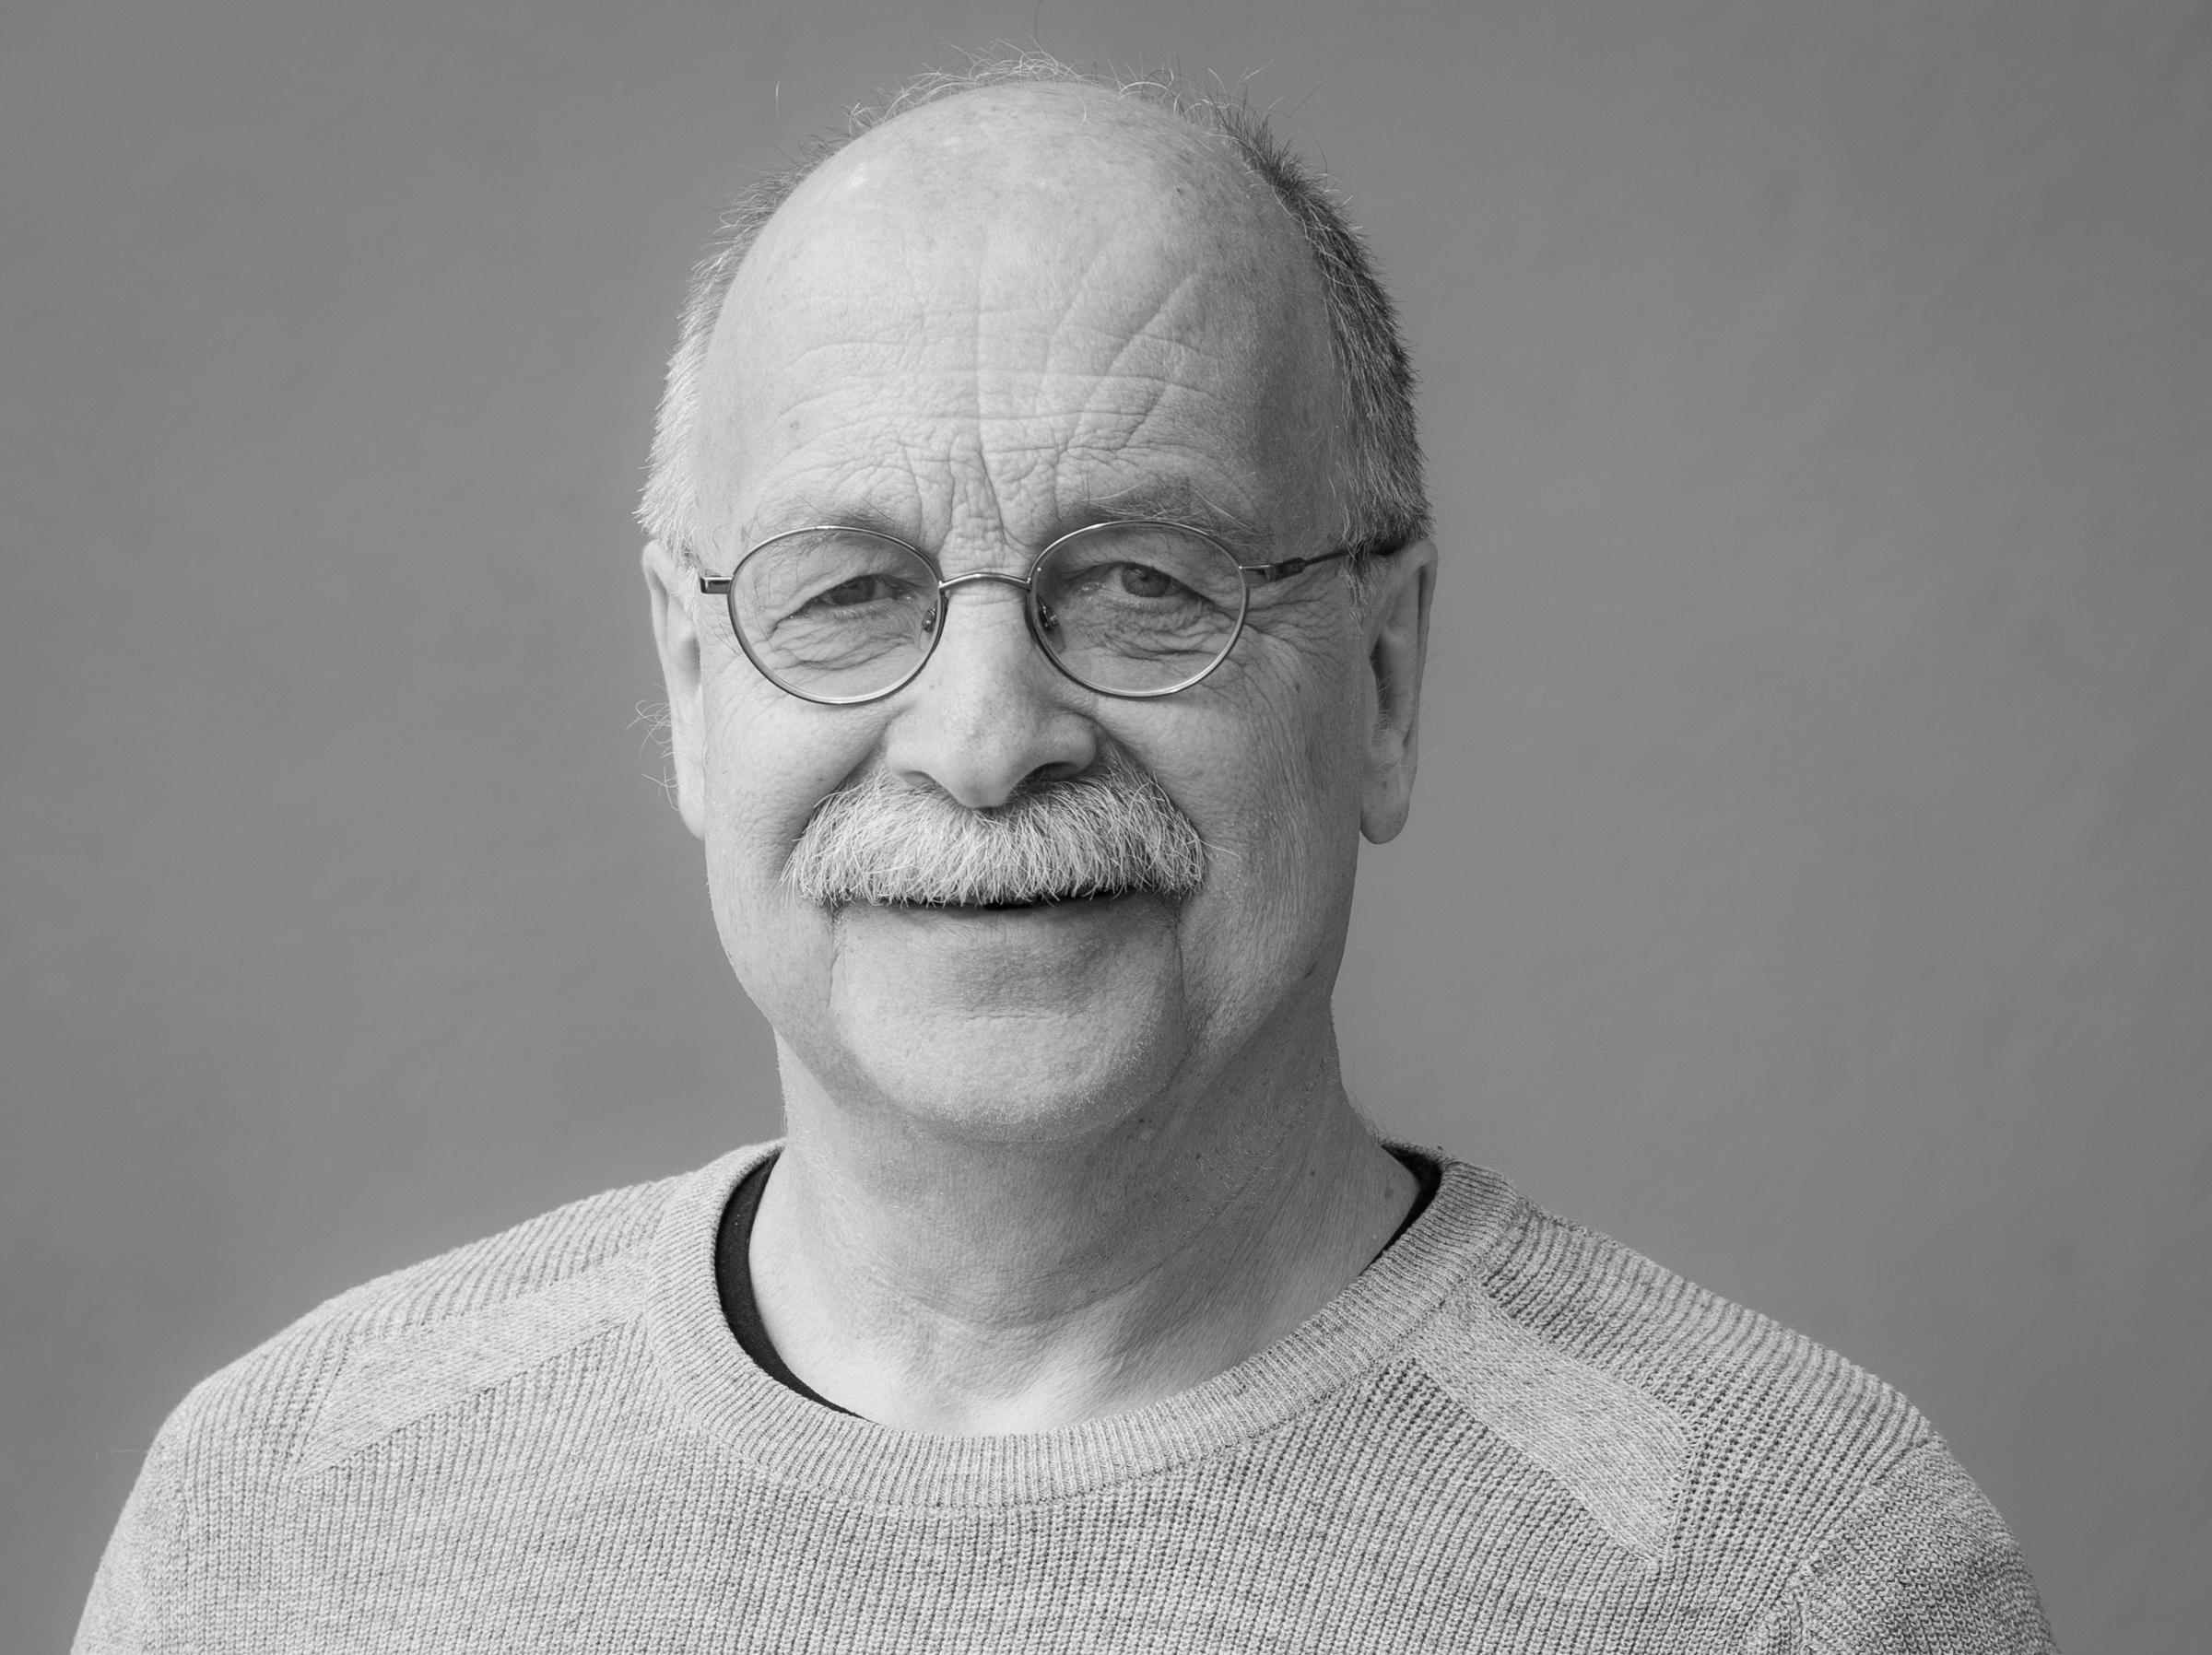 Jan Støring